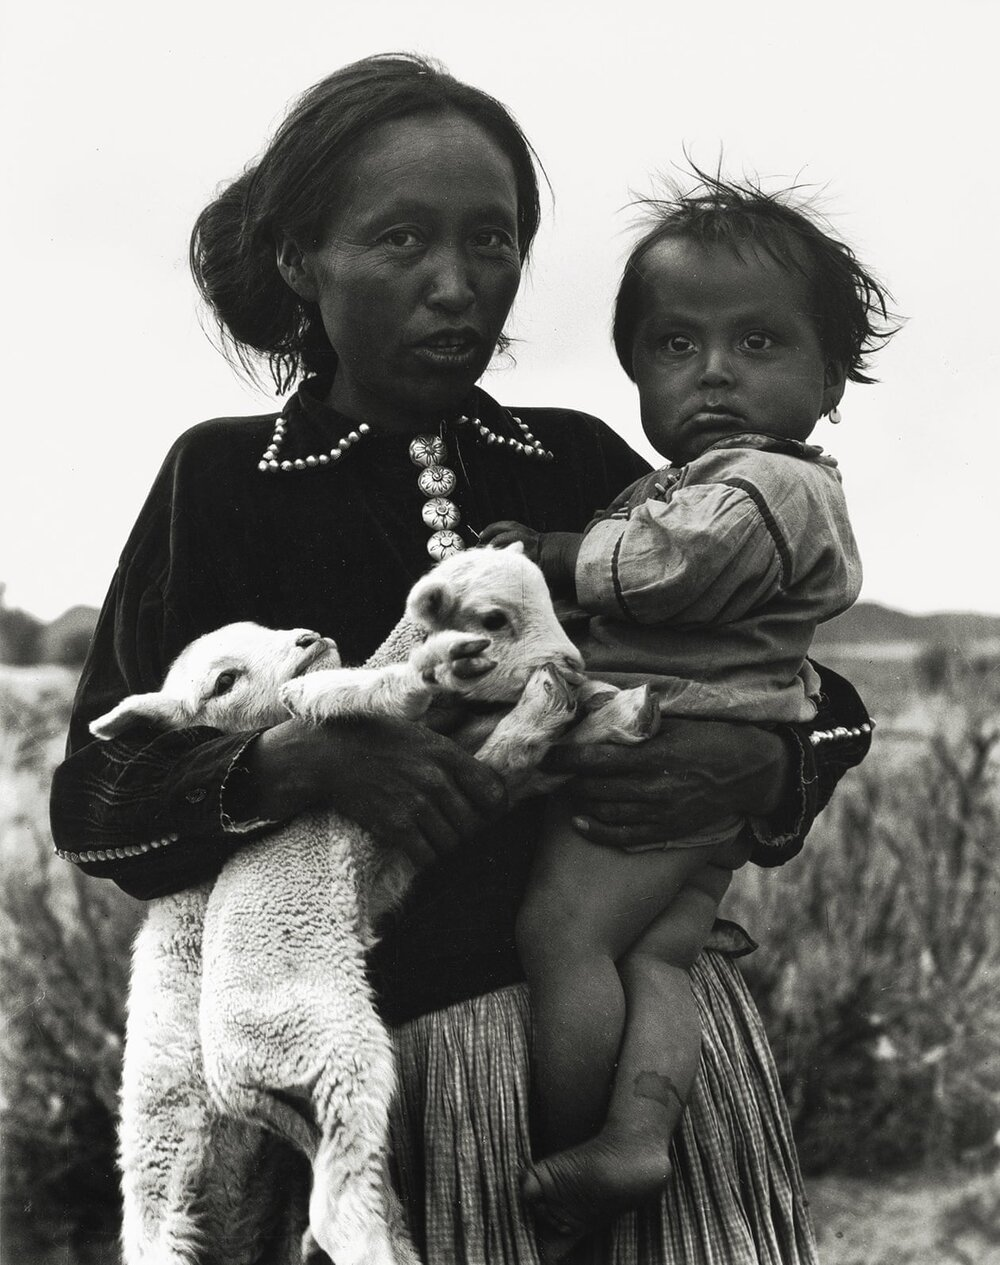 Лаура Гілпін, «Жінка з дитиною та ягнятами», 1932